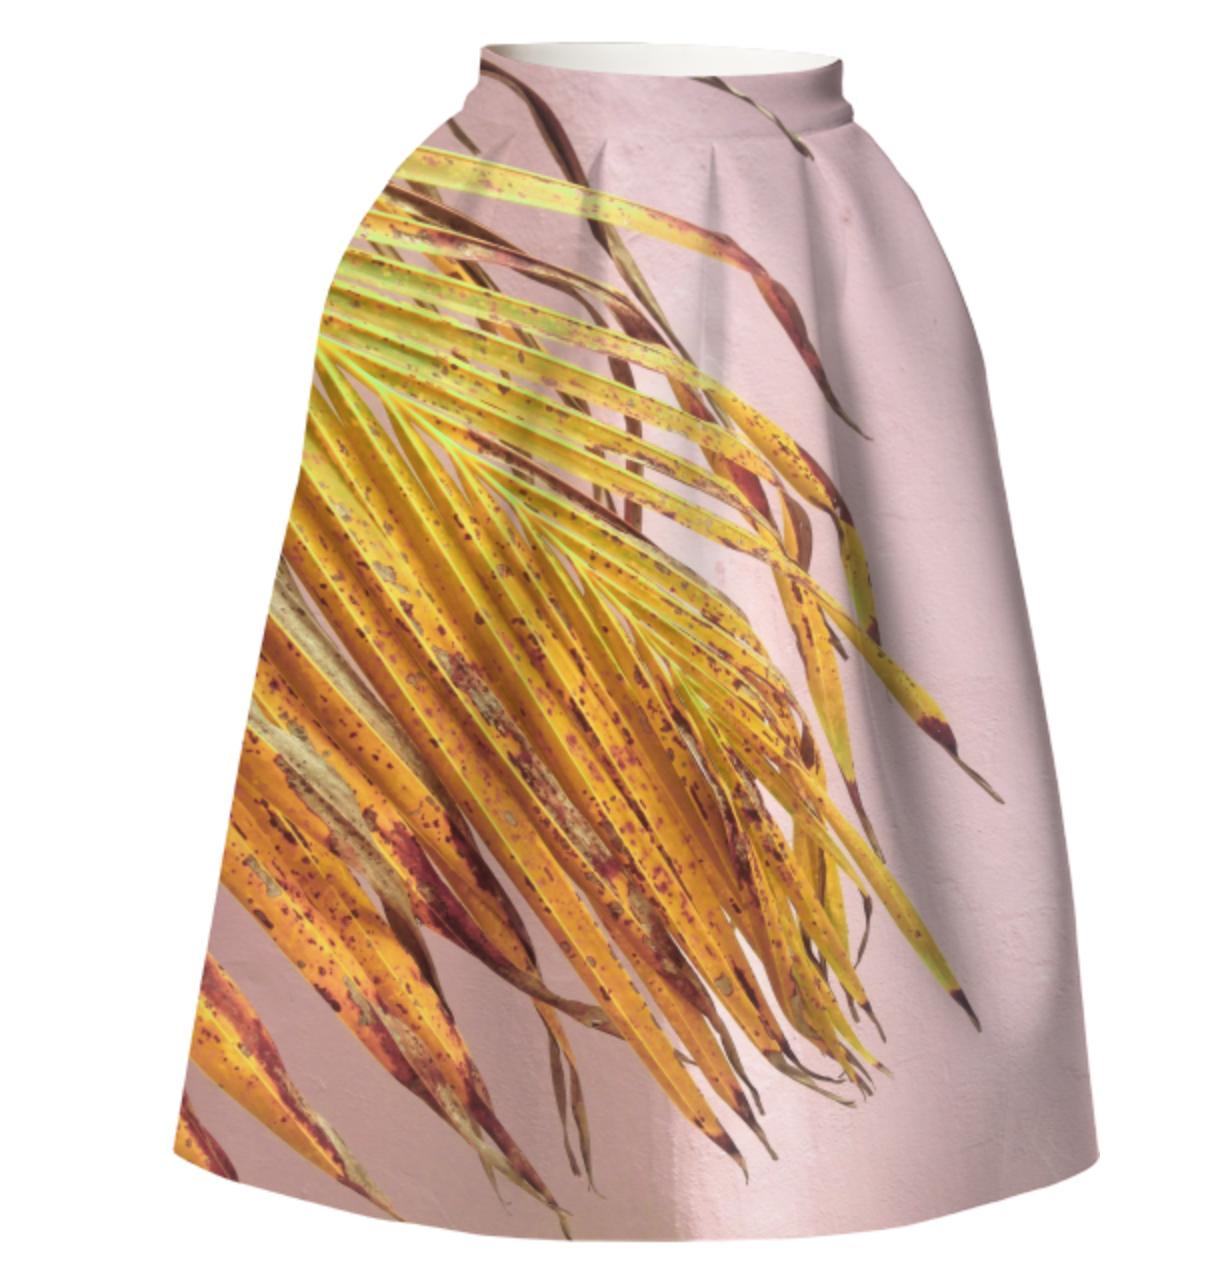 PALMY SKIRT    Neoprene Full Skirt      One Hundred Forty Two Dollars